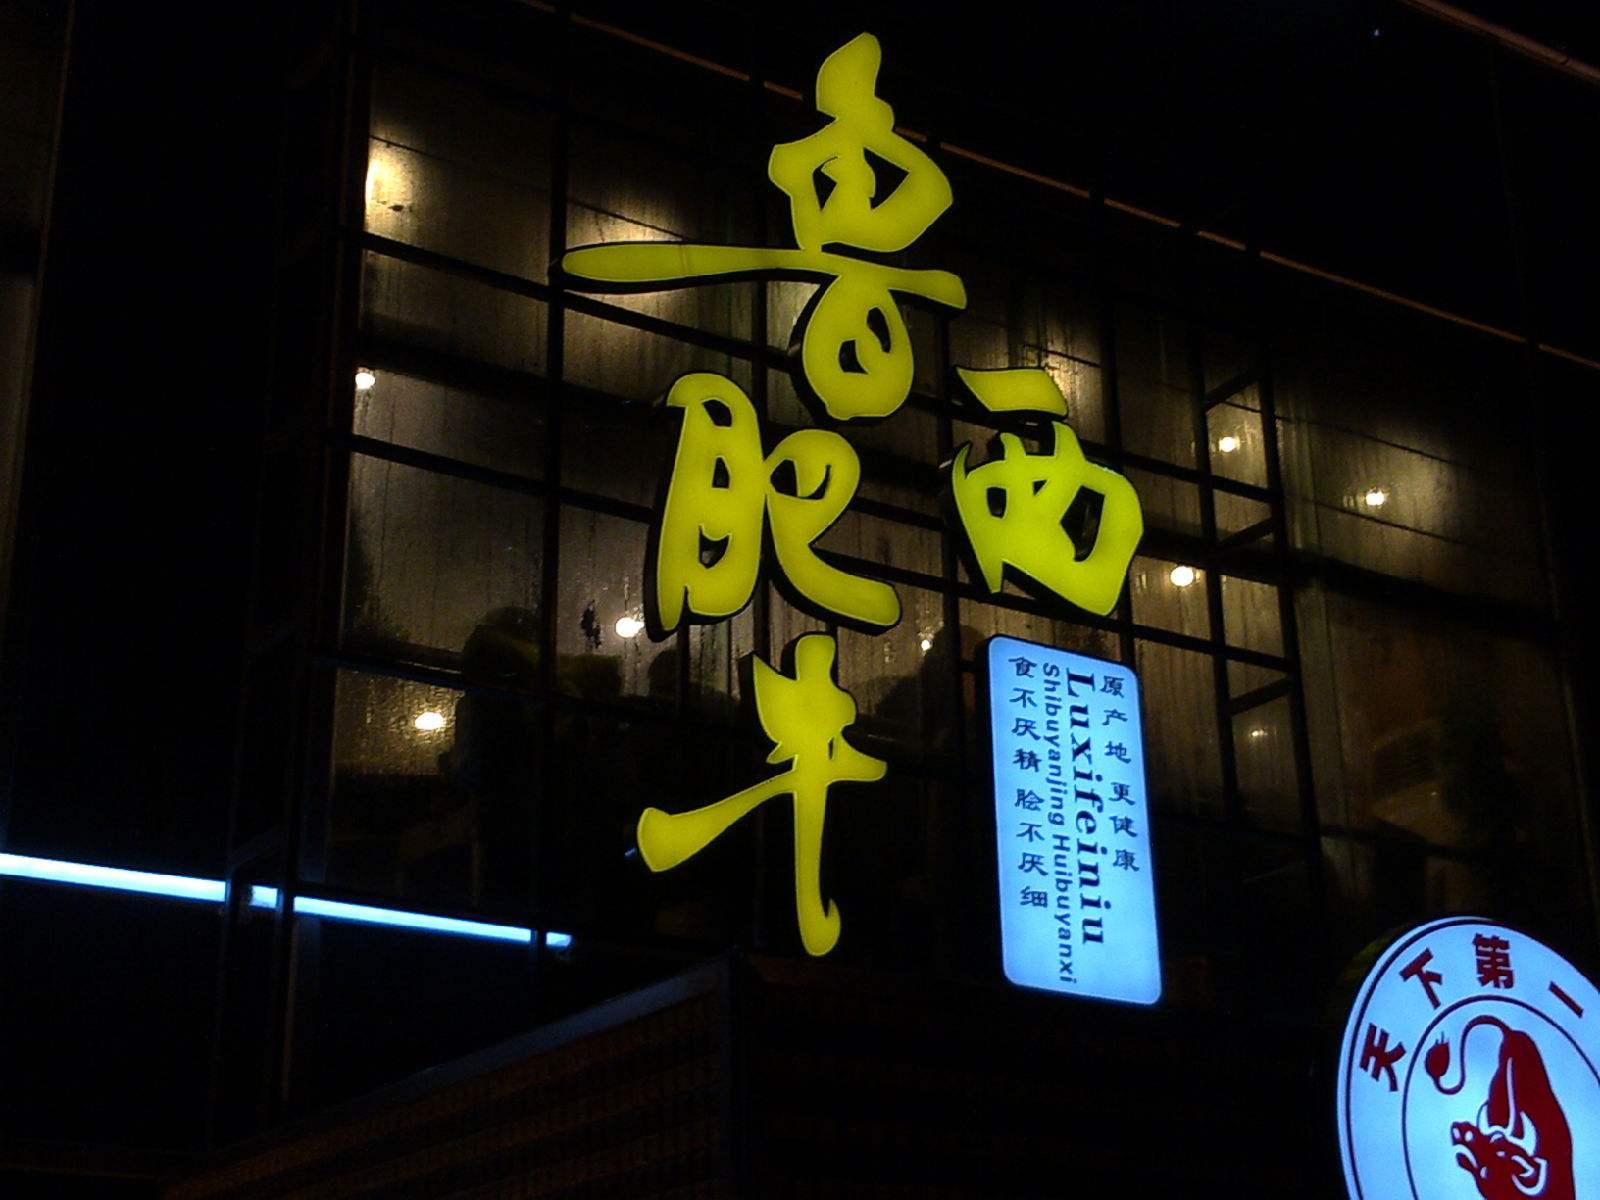 加盟重庆牛肉火锅告诉你如何选择牛肉丸?插图